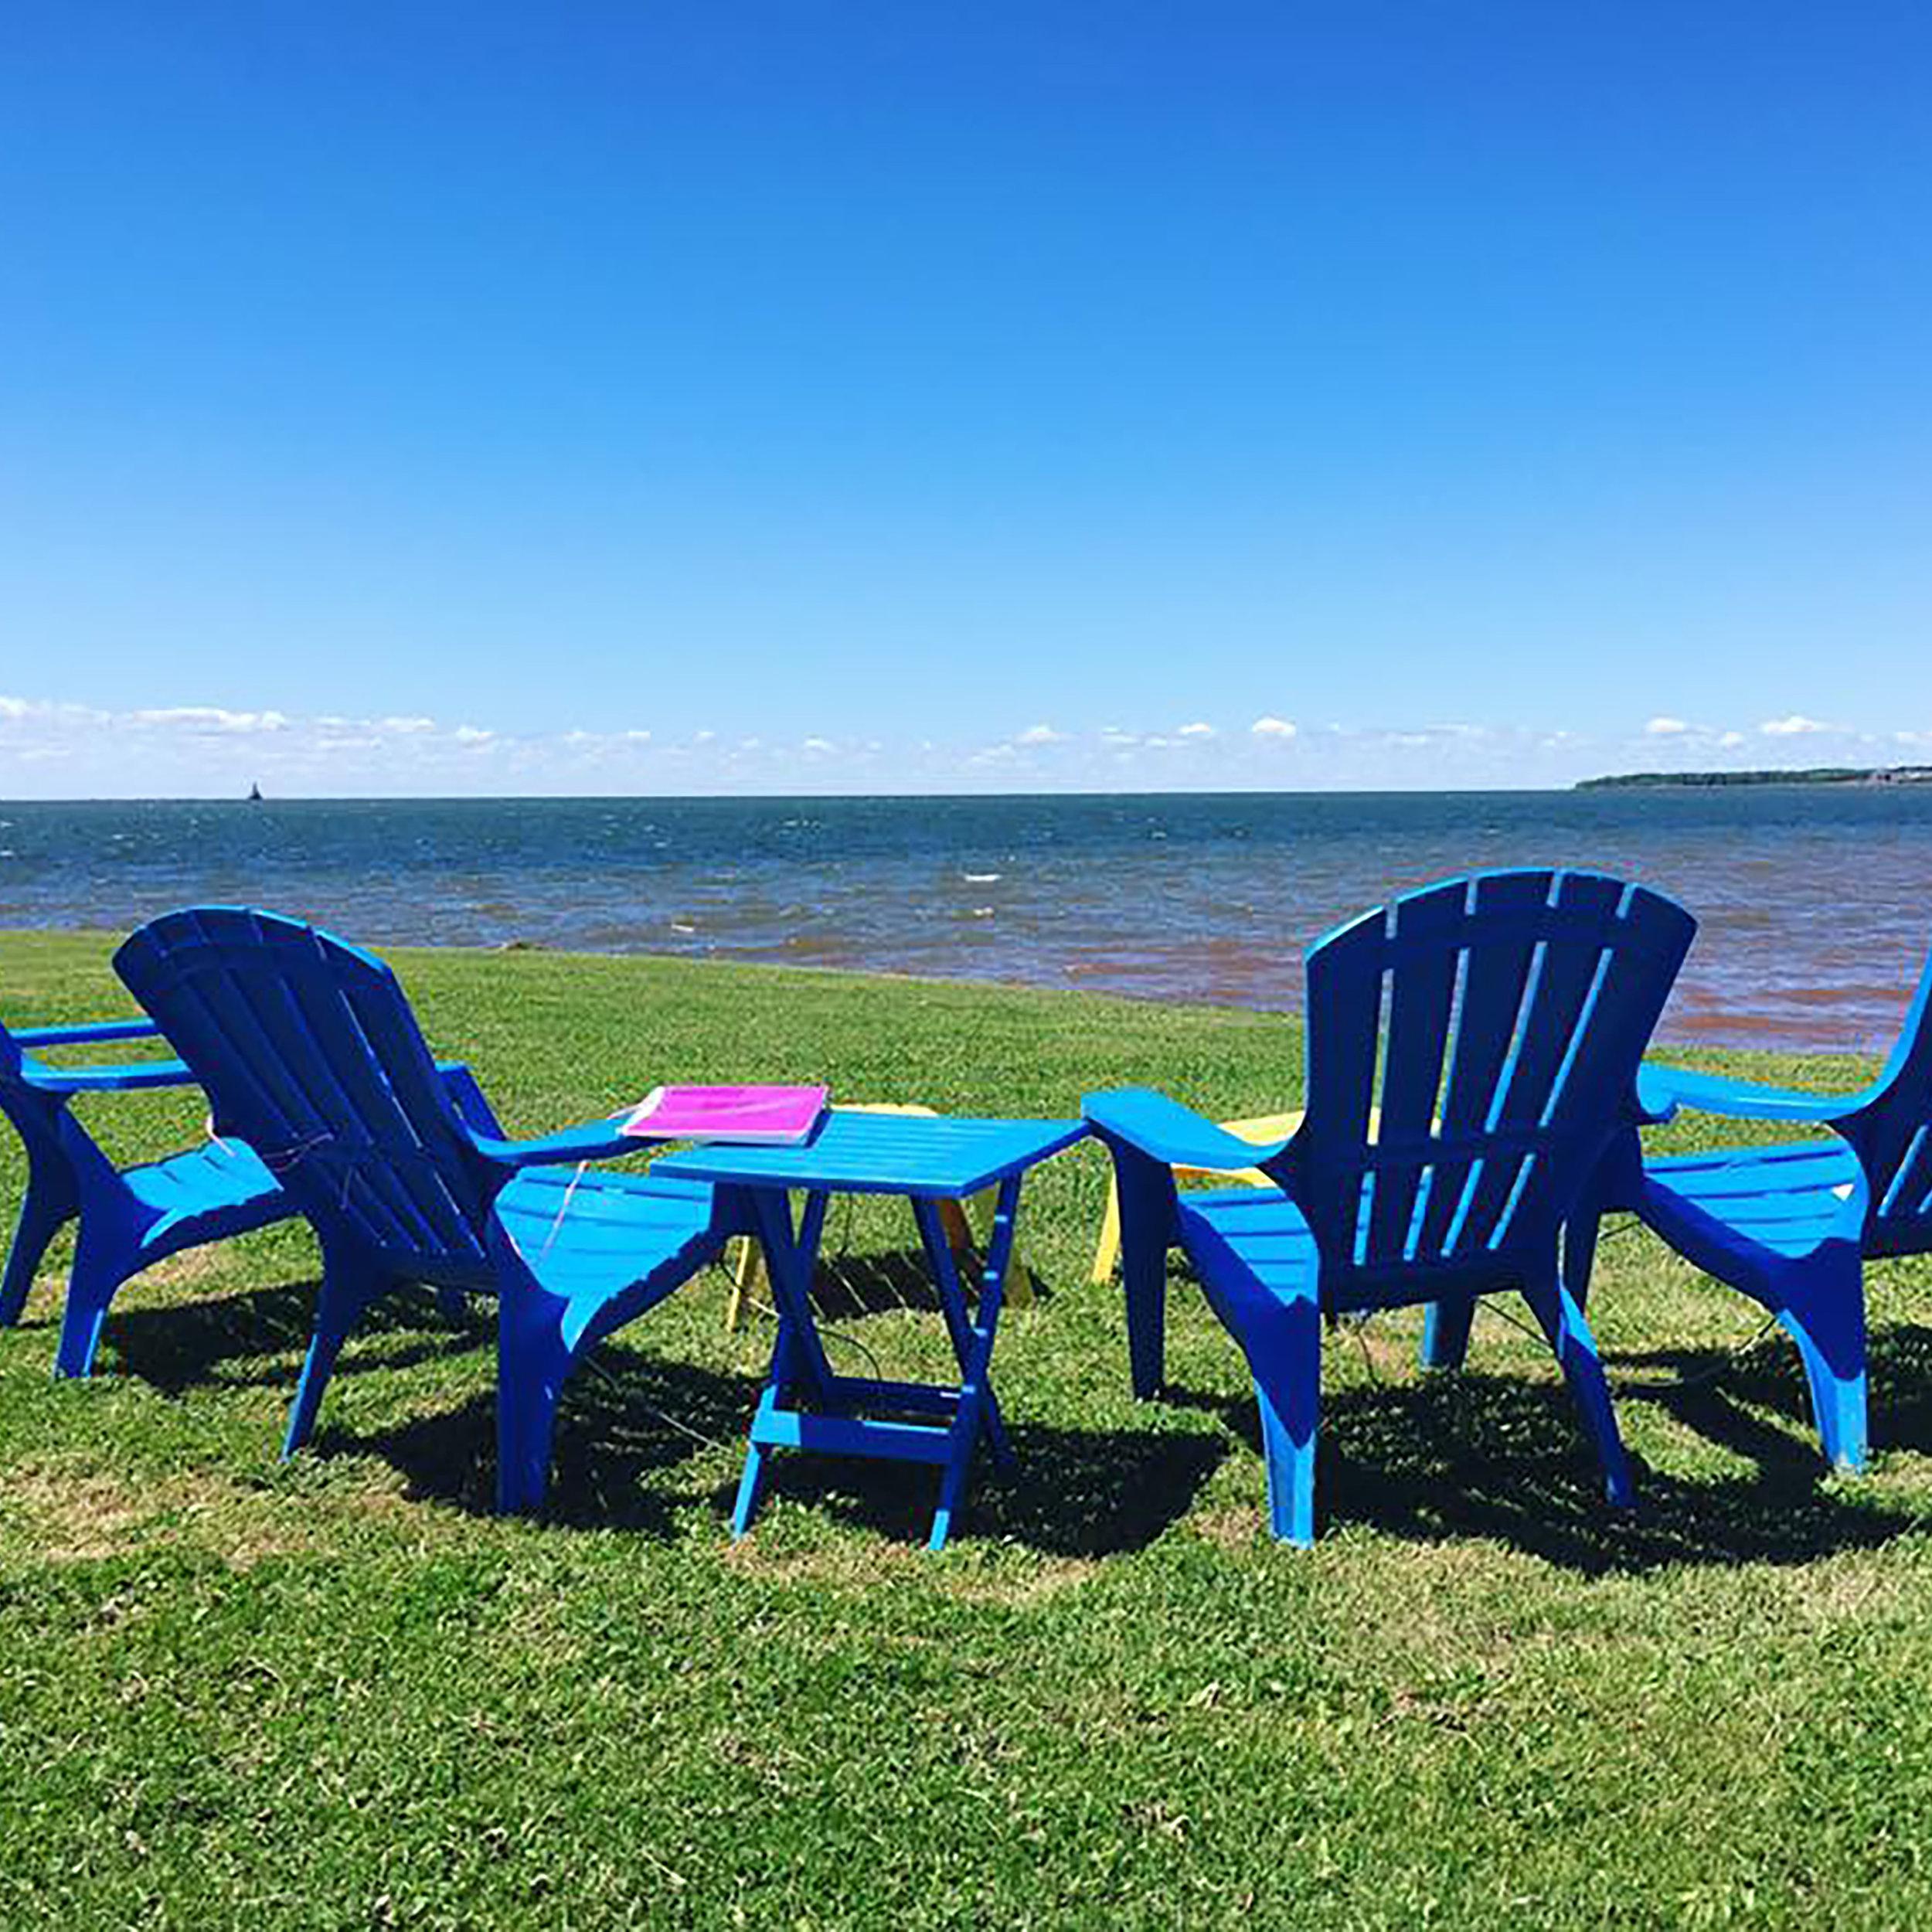 160627_Chairs Photo.jpg